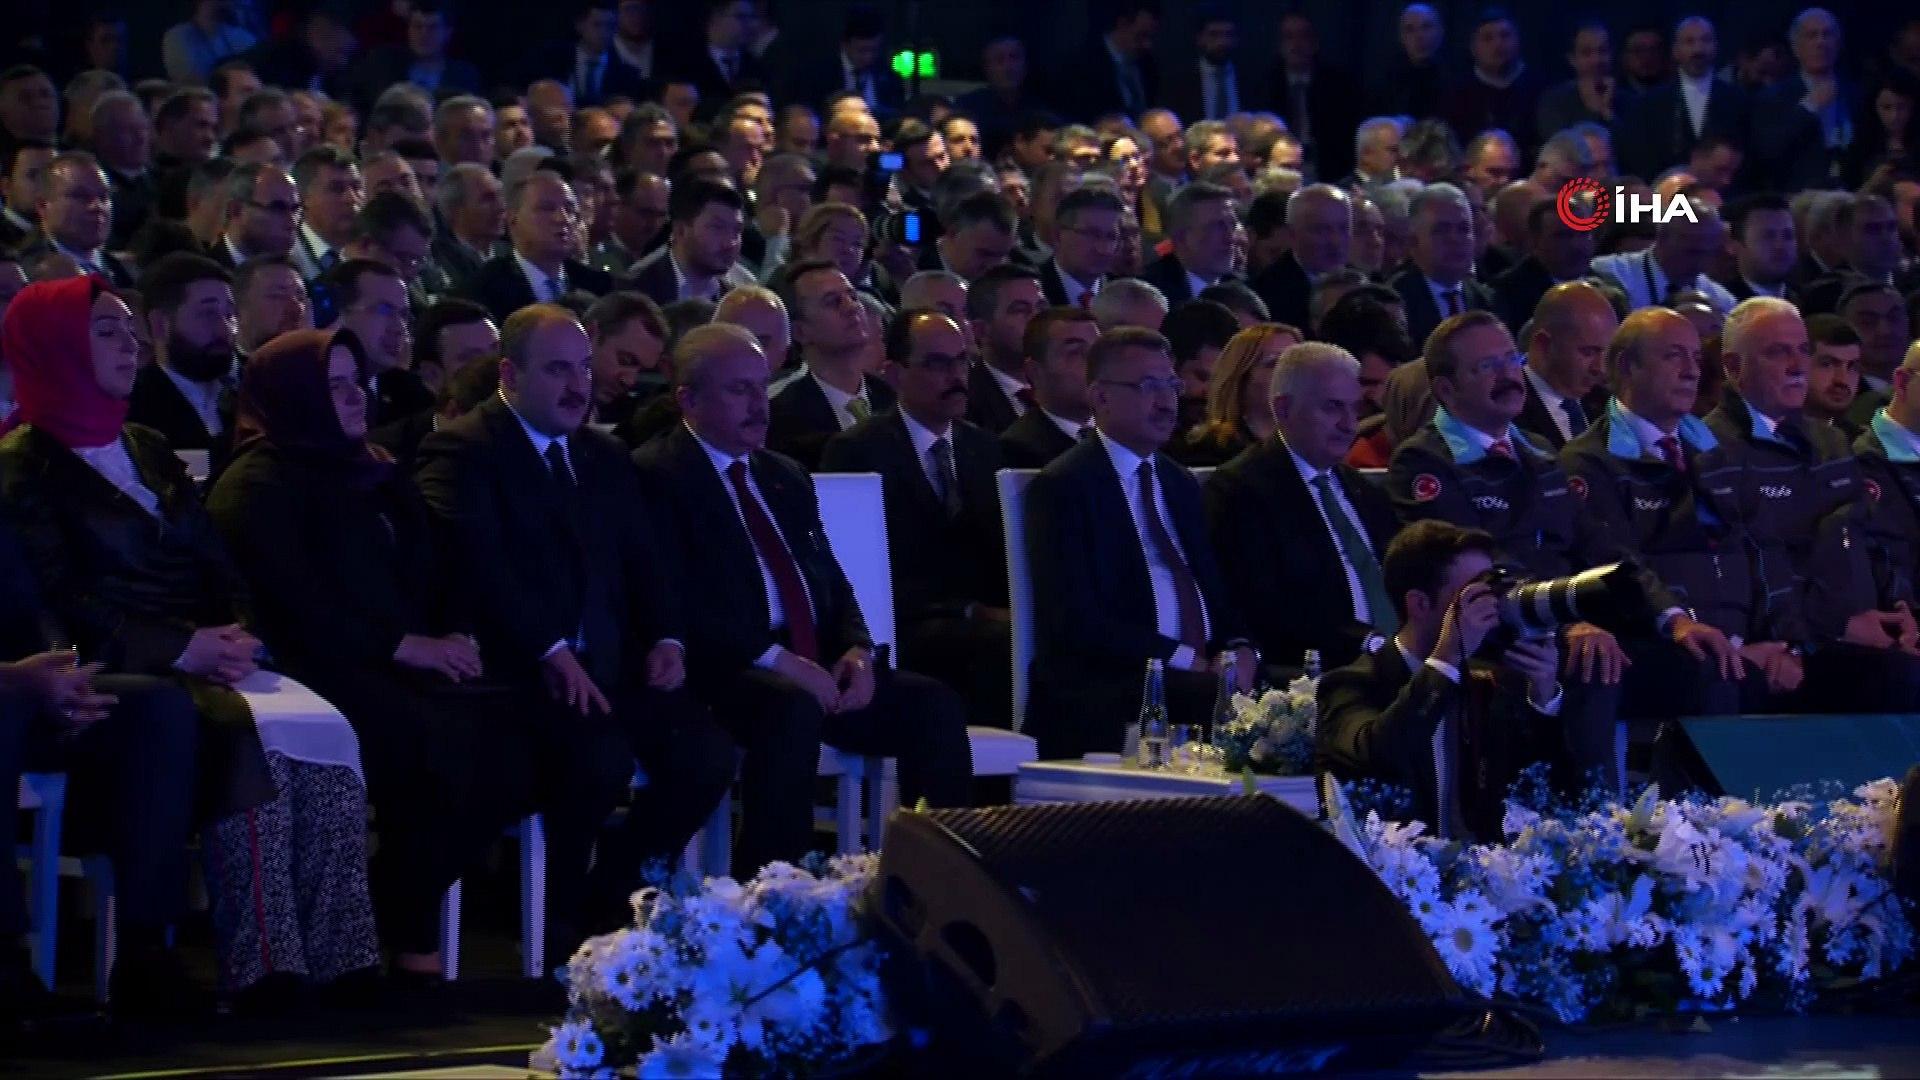 Cumhurbaşkanı Erdoğan: 'Sınıfının en uygun maliyetli aracını inşallah üreteceğiz. Aracımız sıfı